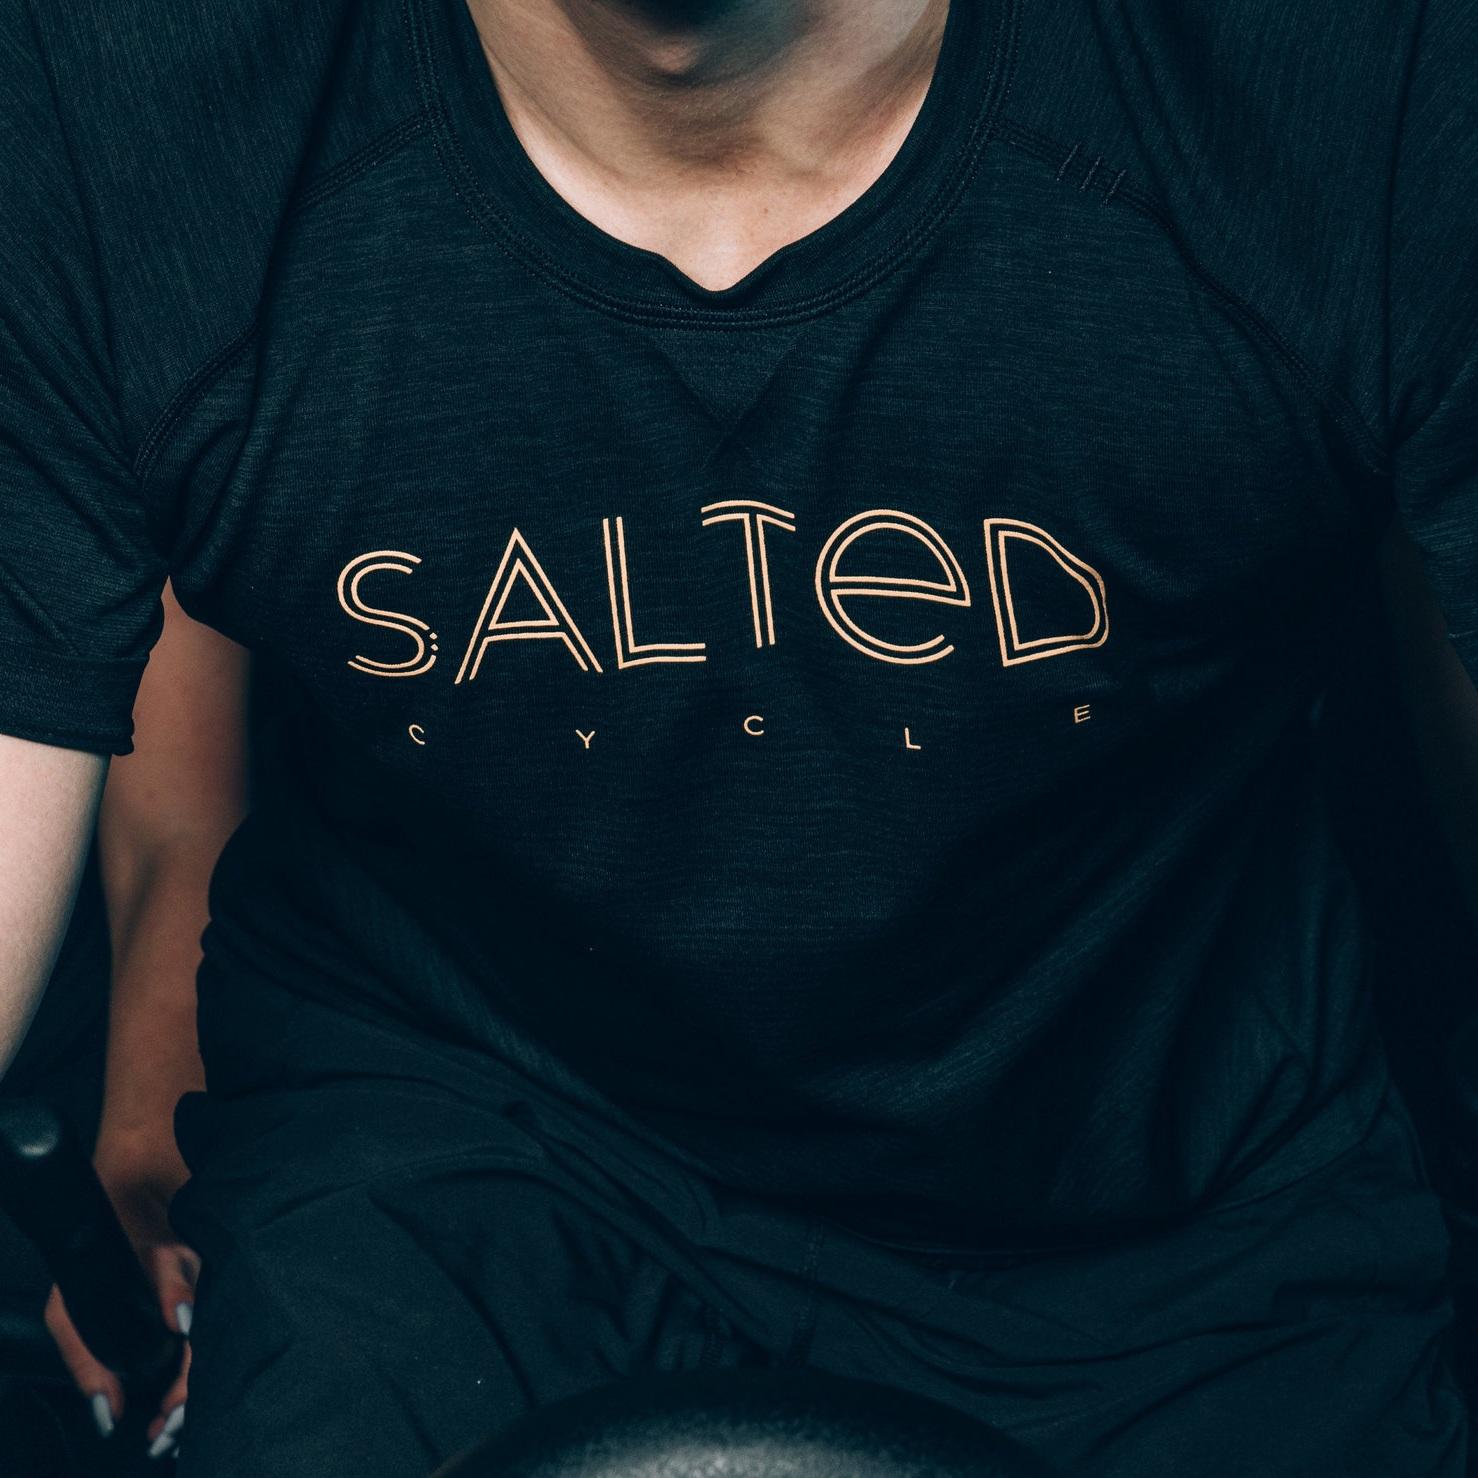 Millie_SaltedCycle_BenOwensPhotography_SaltedApparel_Tshirt.jpg